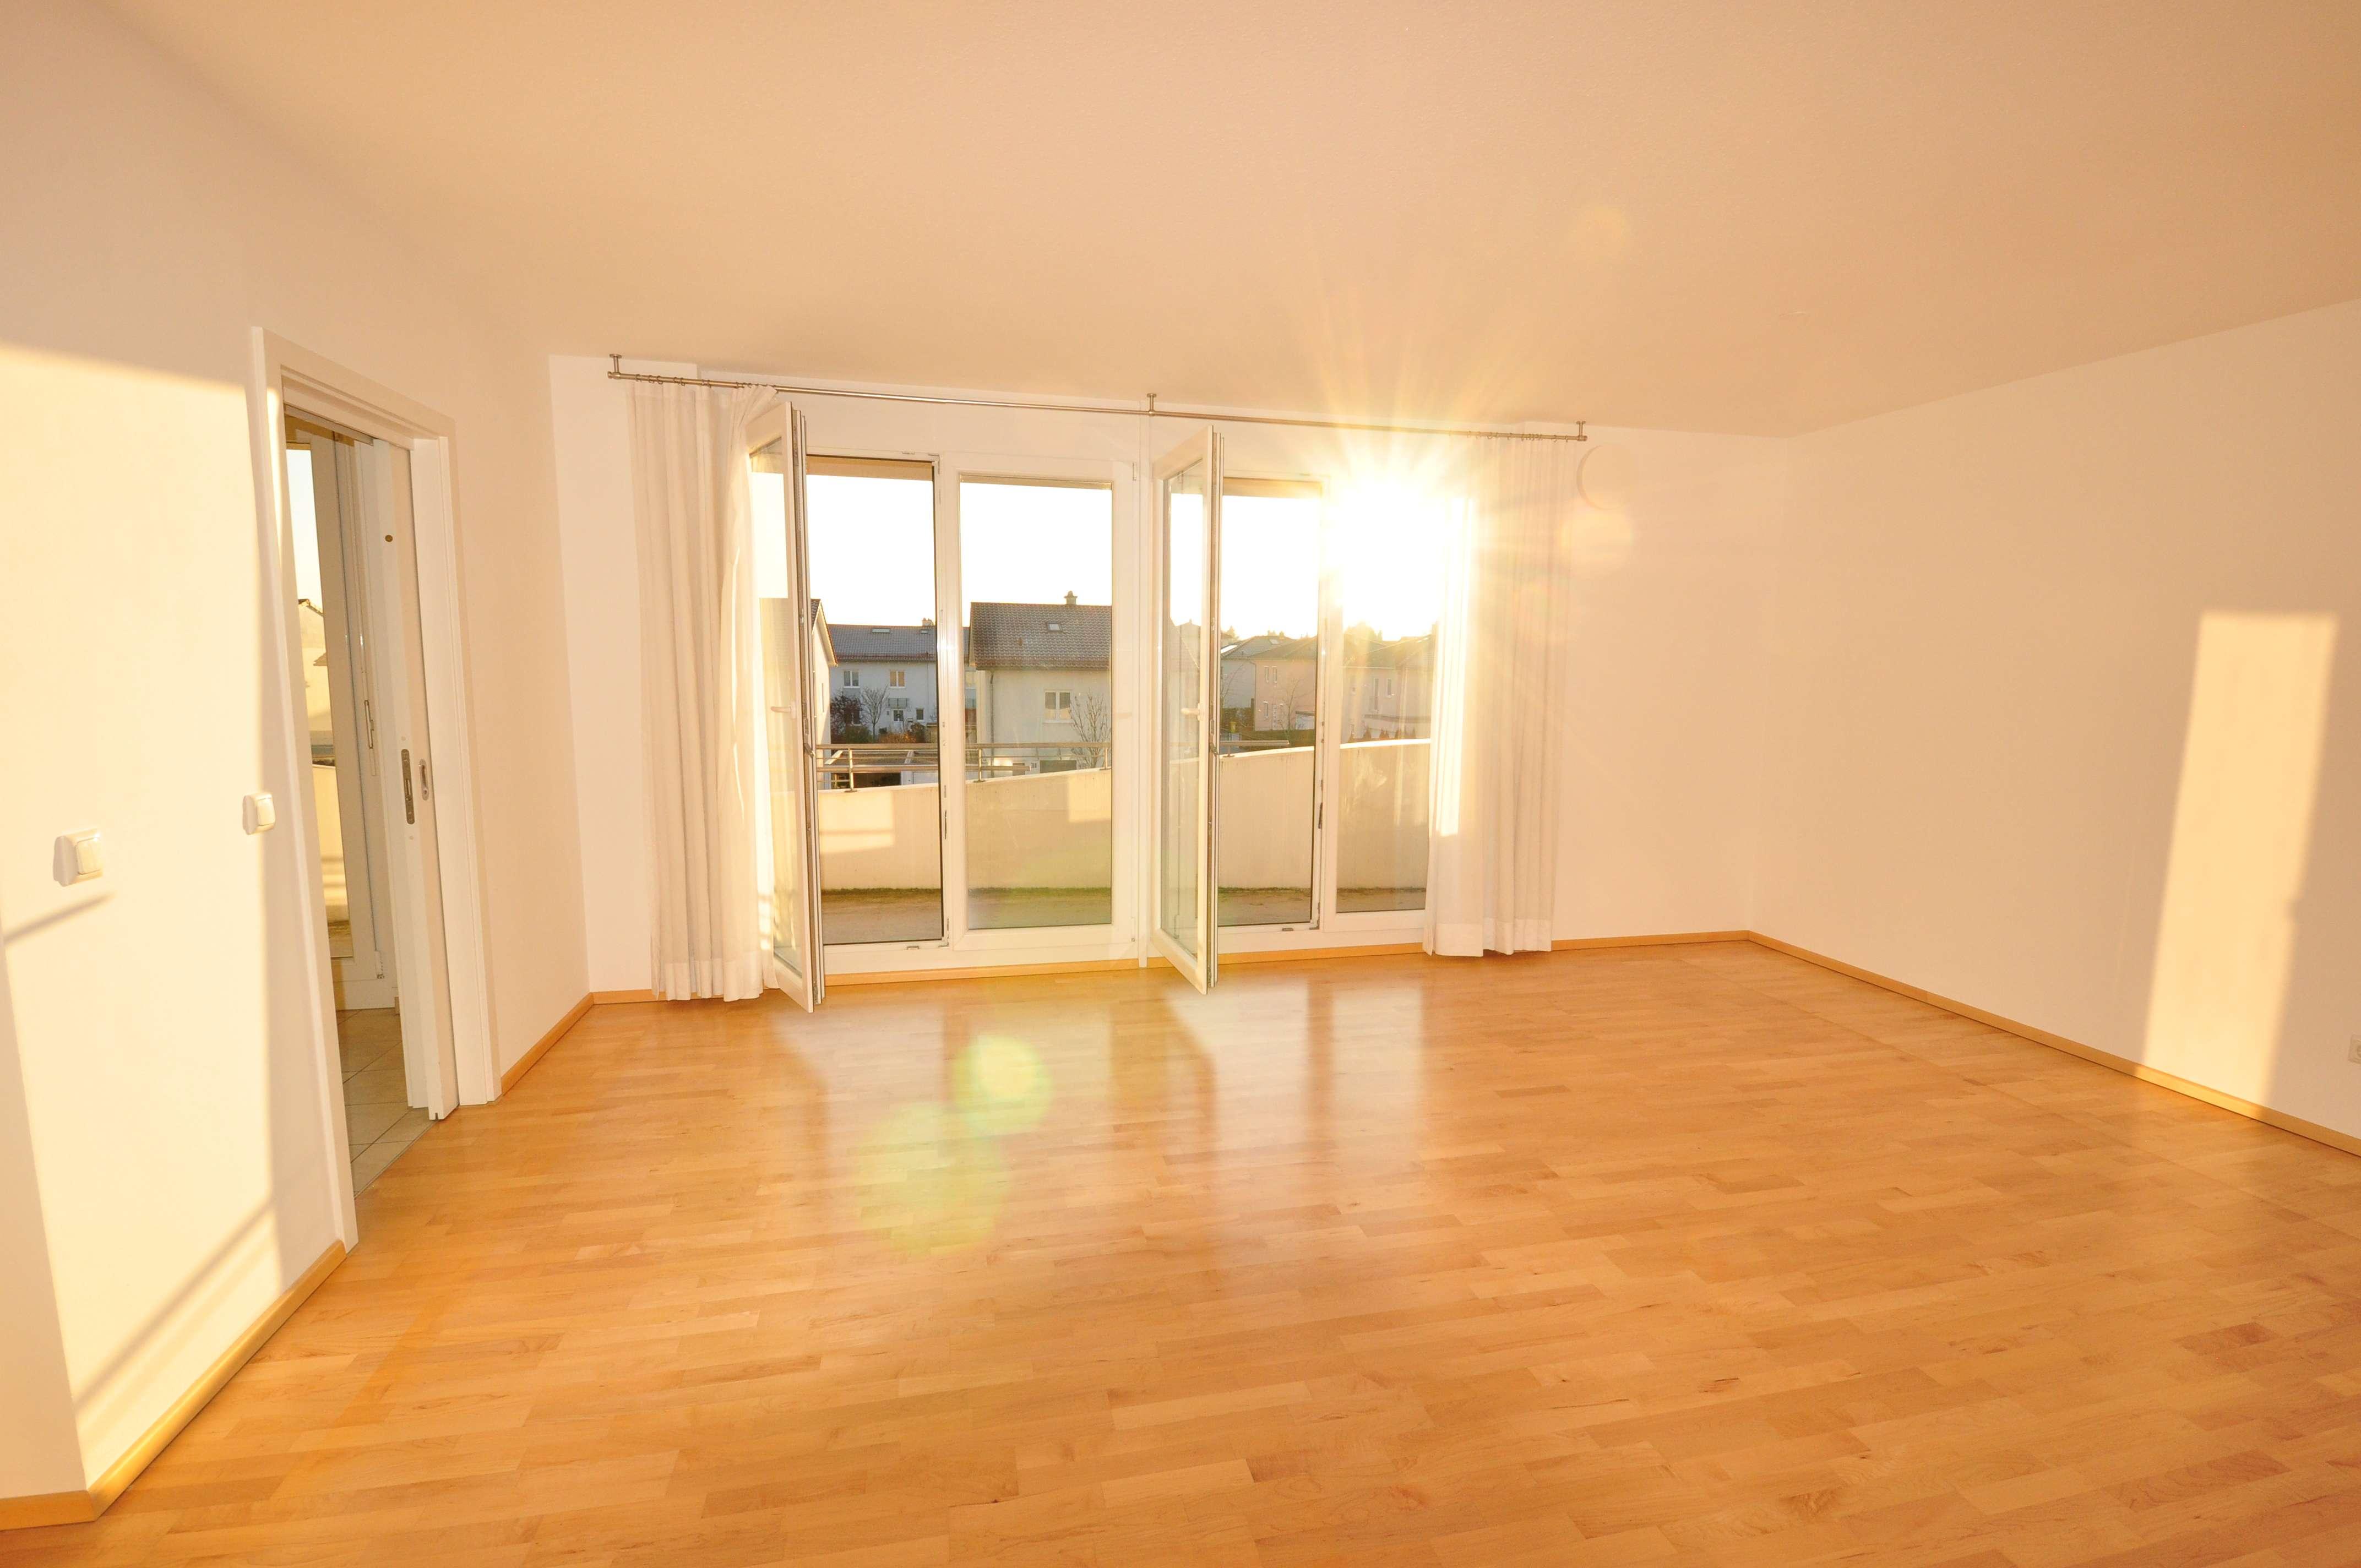 Sonnige Dachterrassen-Wohnung im Elias-Palais mit EBK, FBH, Balkon, großer DT, Parkett, TG uvm. in Göggingen